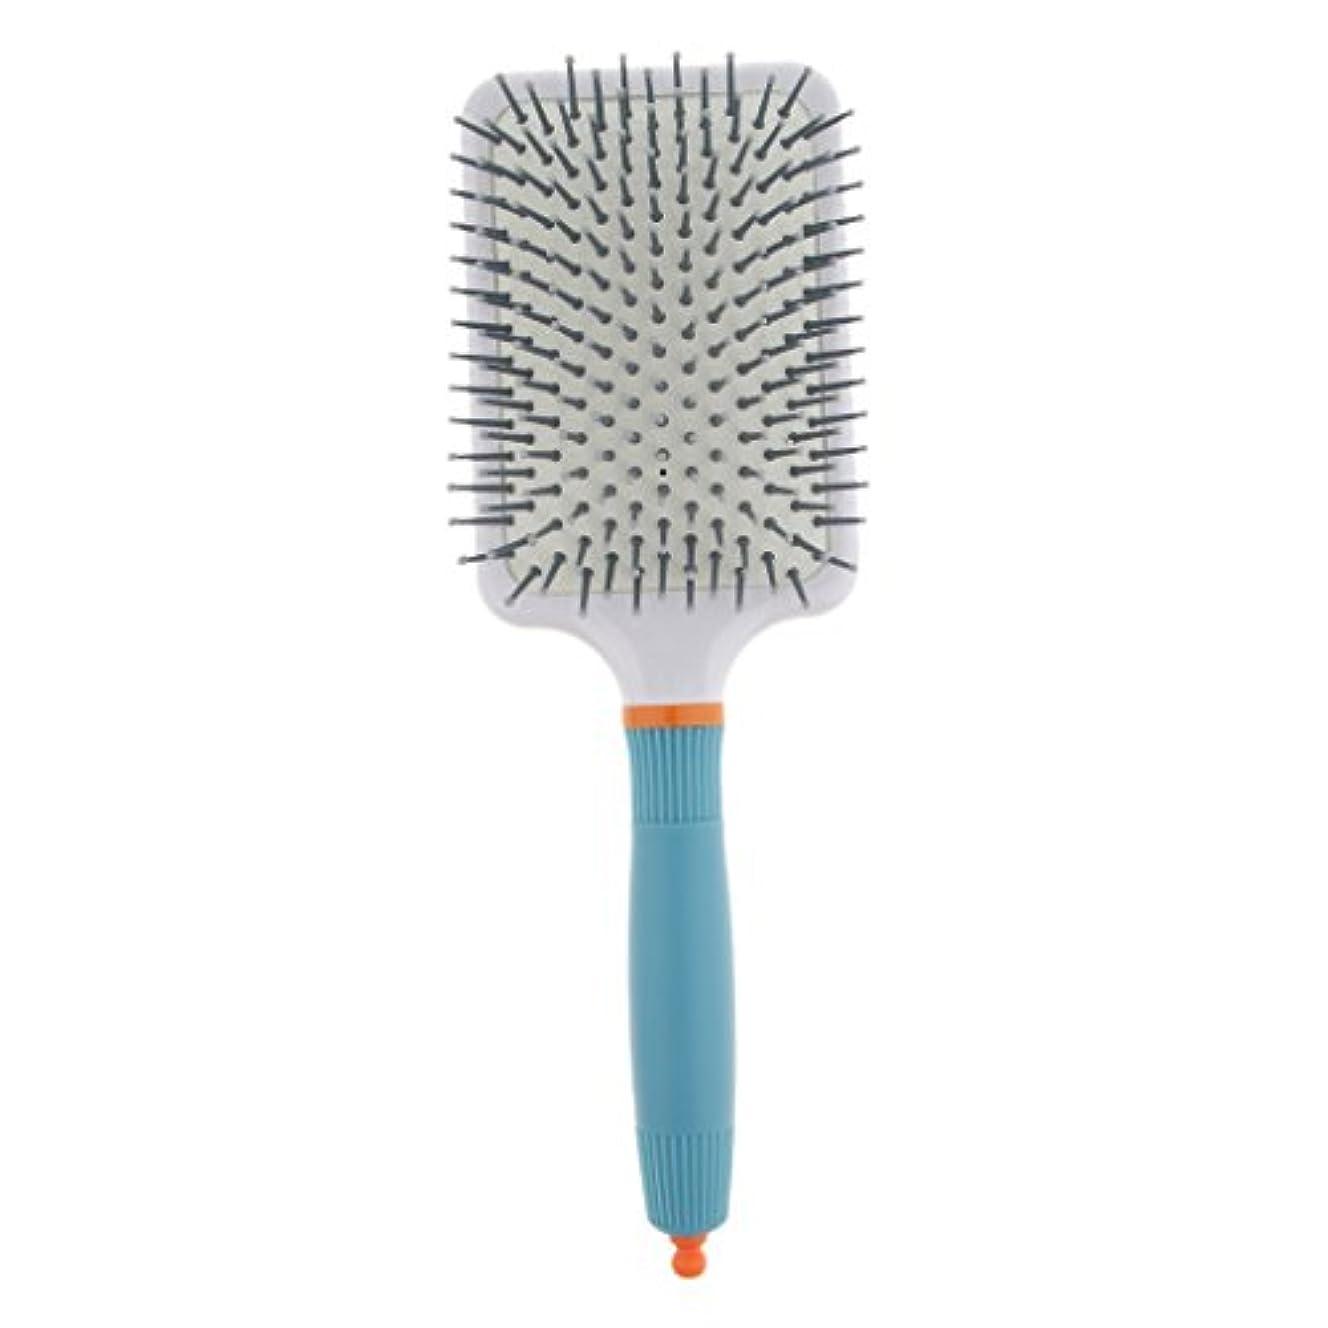 コンデンサーアパートリブFenteer 頭皮マッサージ ヘアブラシ 櫛 パドル エアクッション櫛 2色選べる - ライトブルー